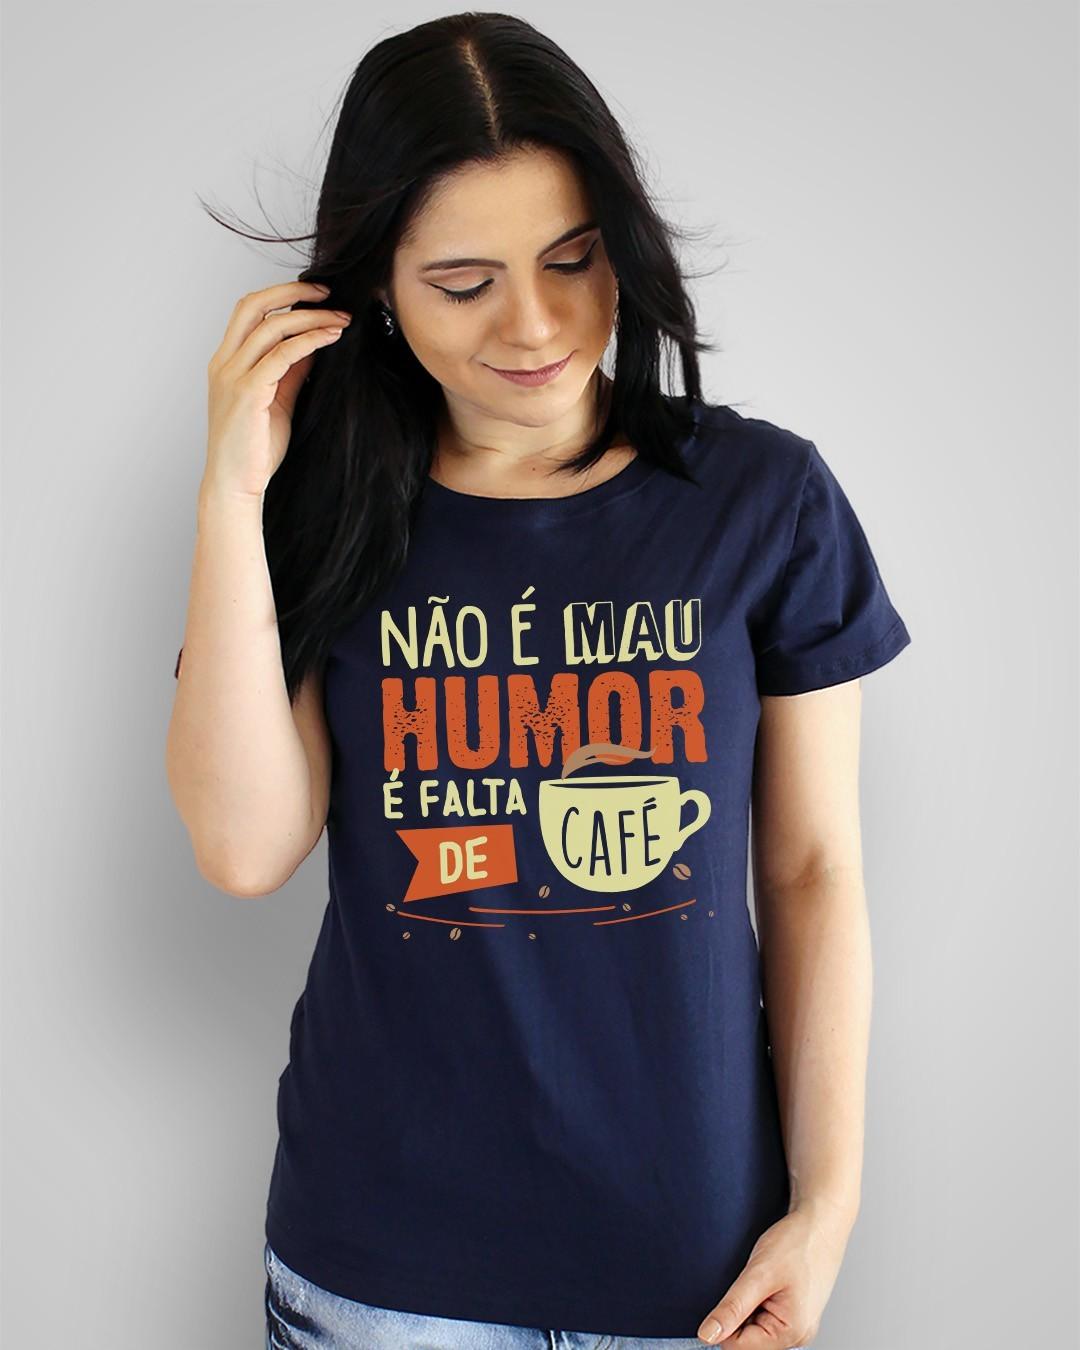 Camiseta Não é mau humor, é falta de café